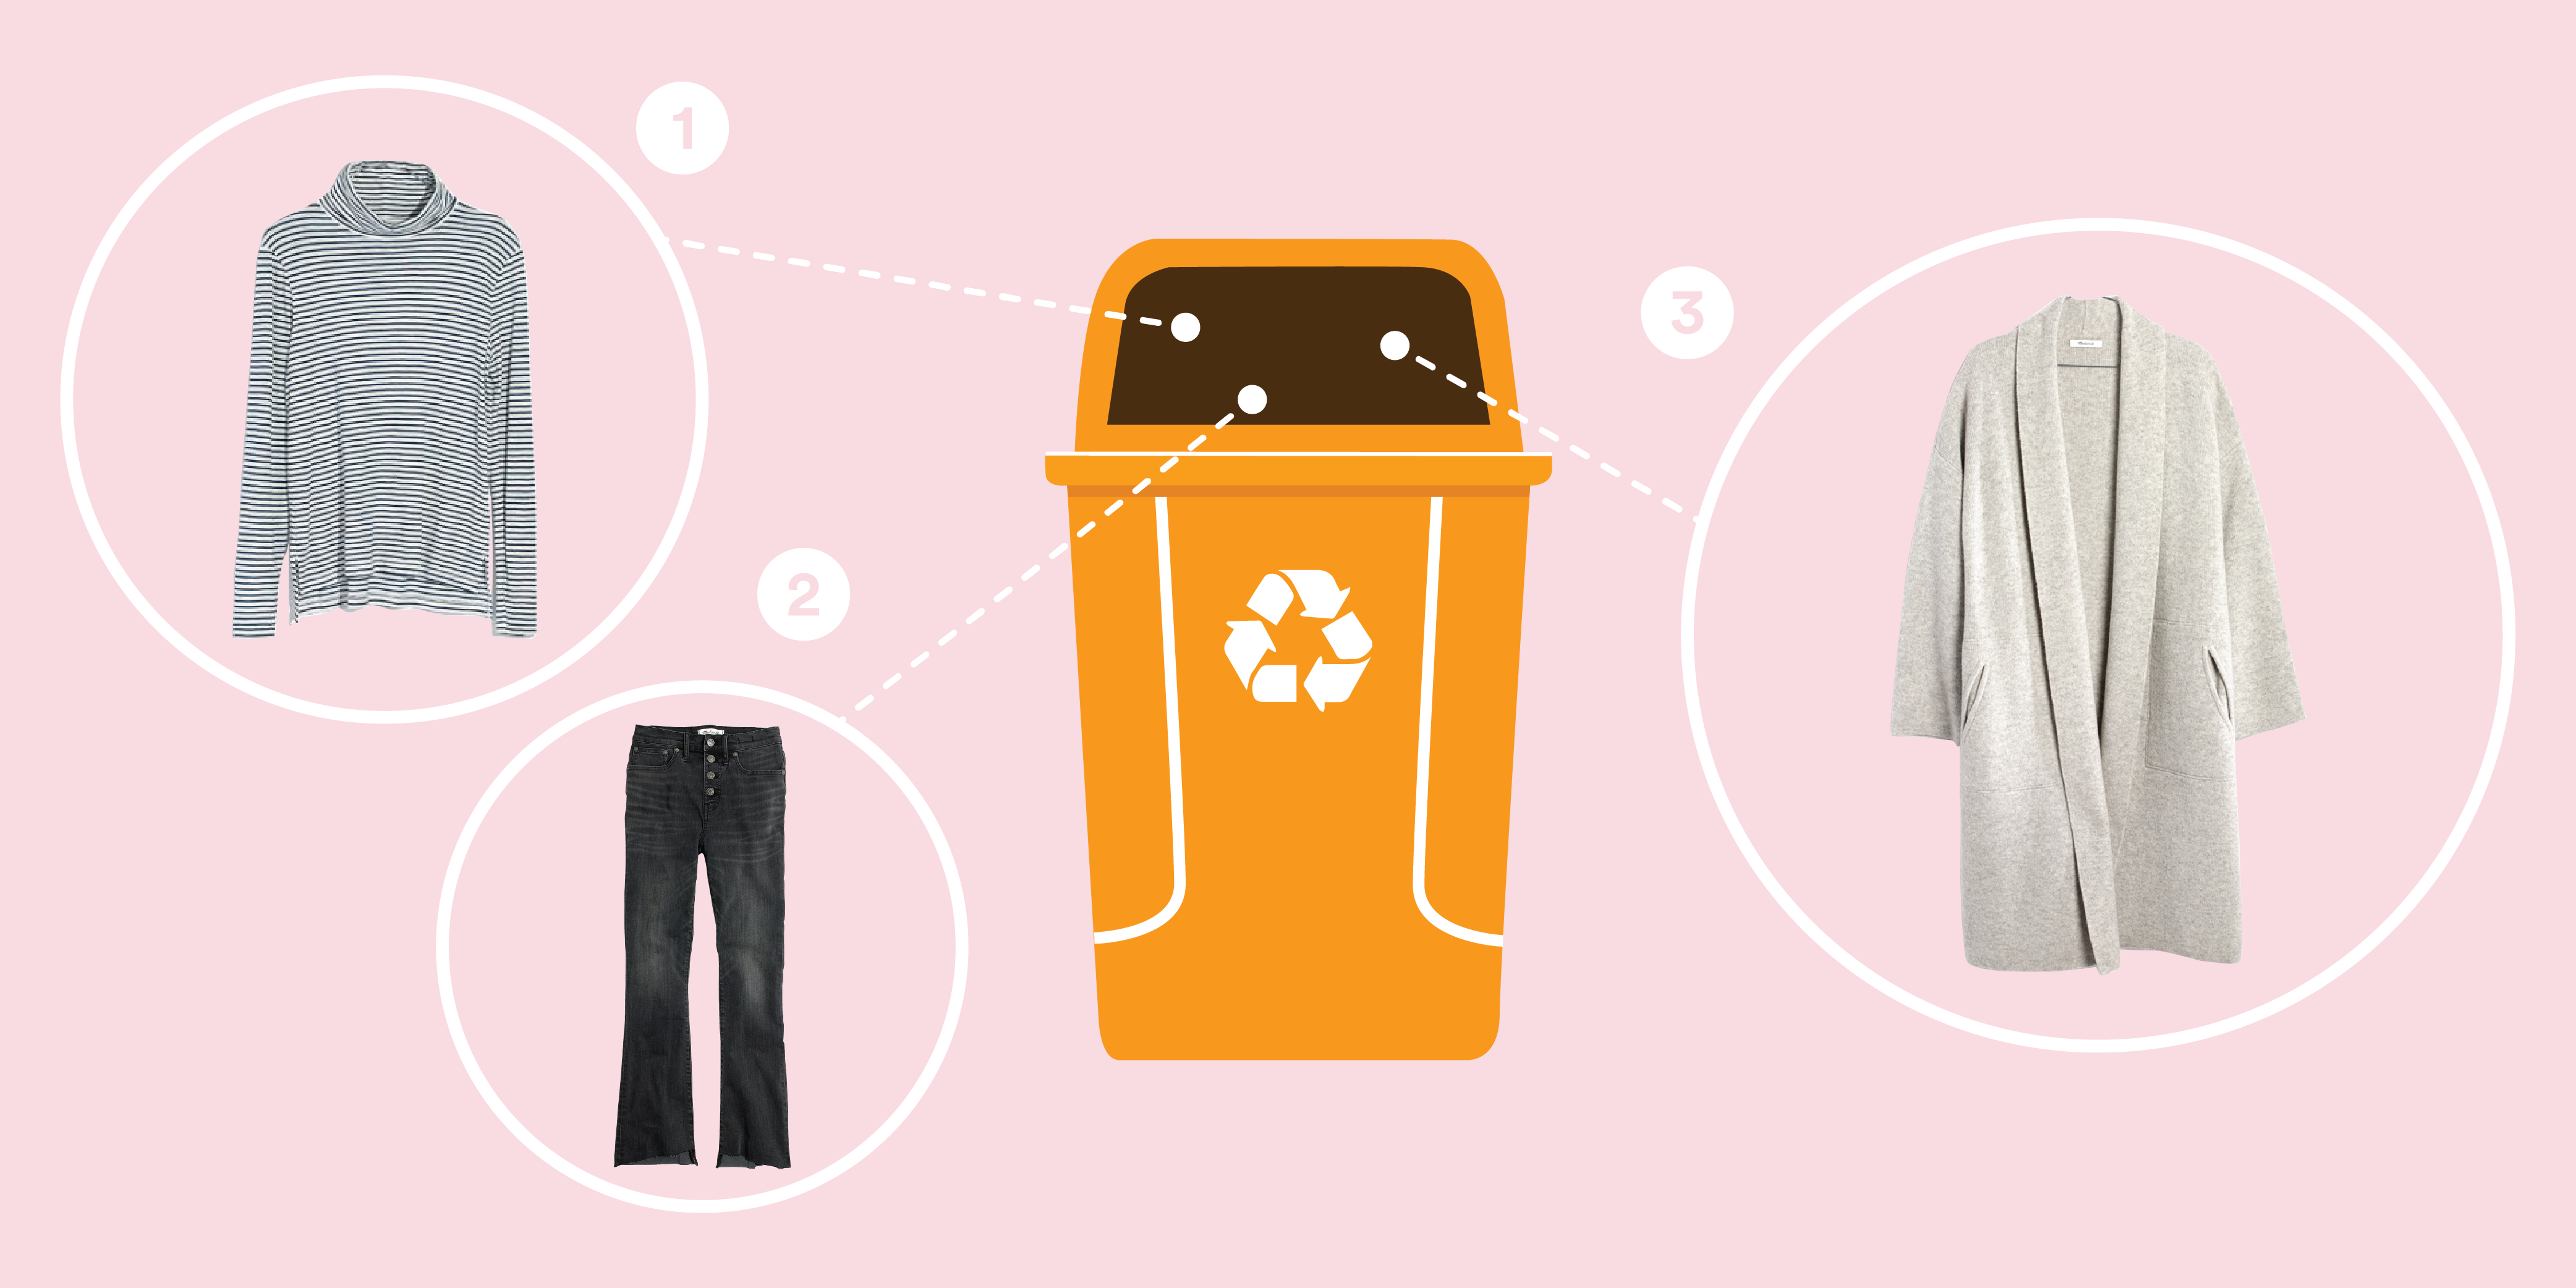 Reducir, reusar y reciclar: moda eco-consciente